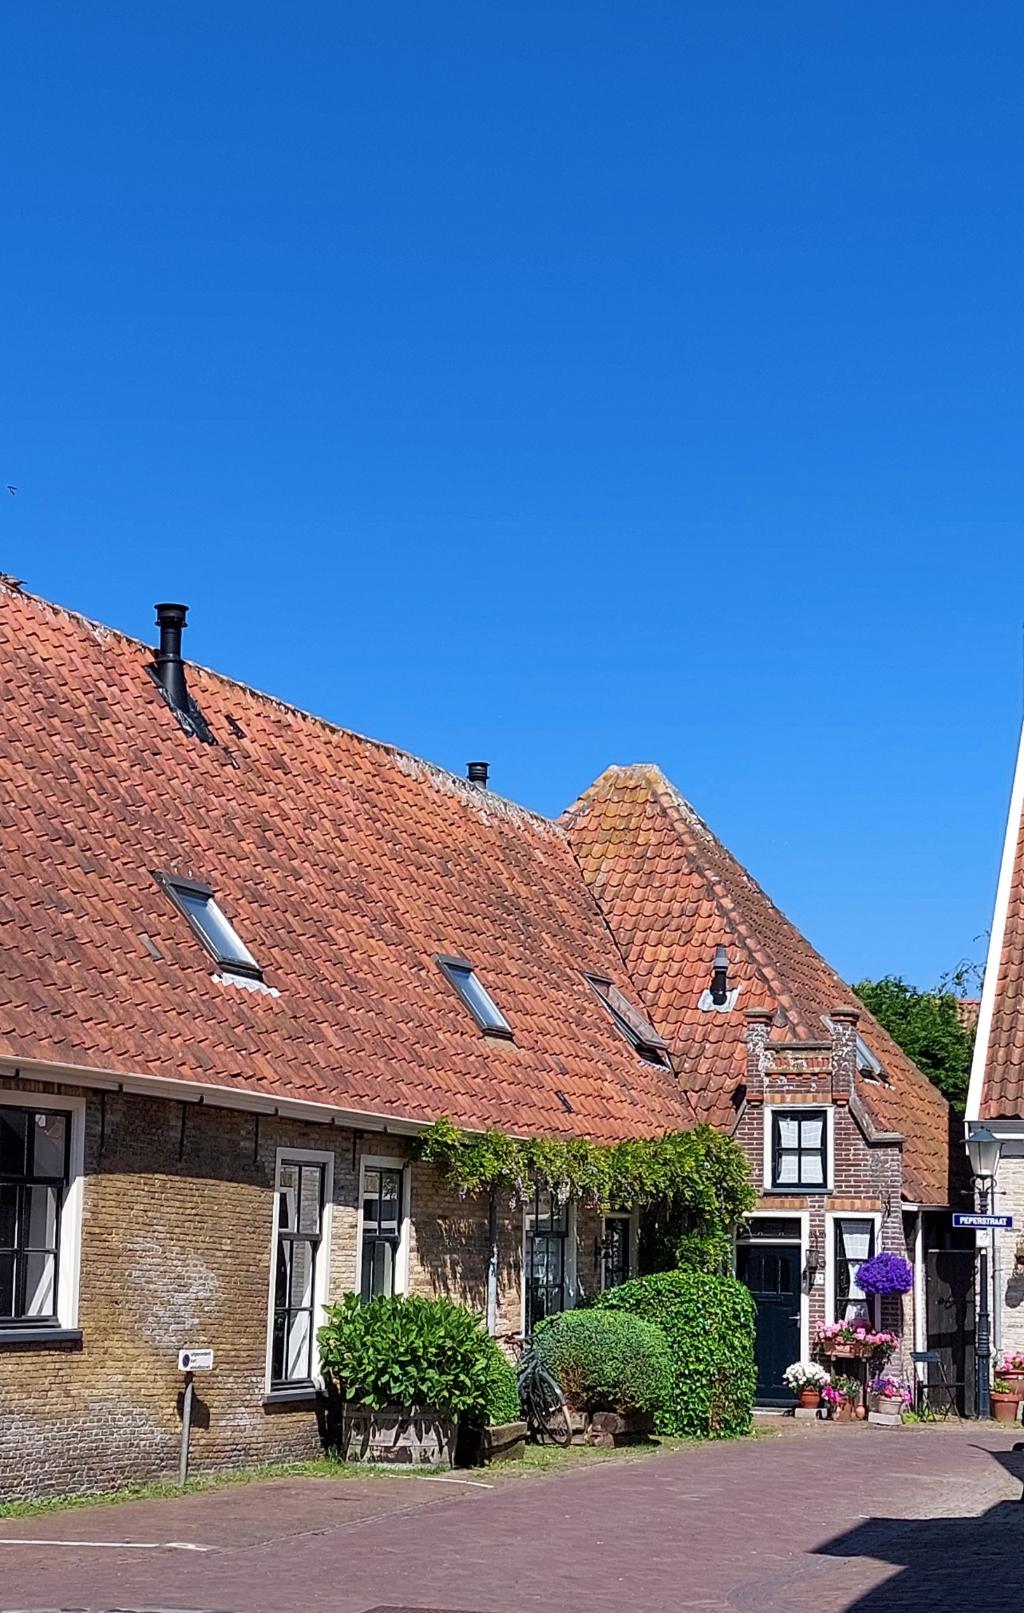 Fietstocht door Oosterend Texel. Juni 2021 Joop Bramer © BDU